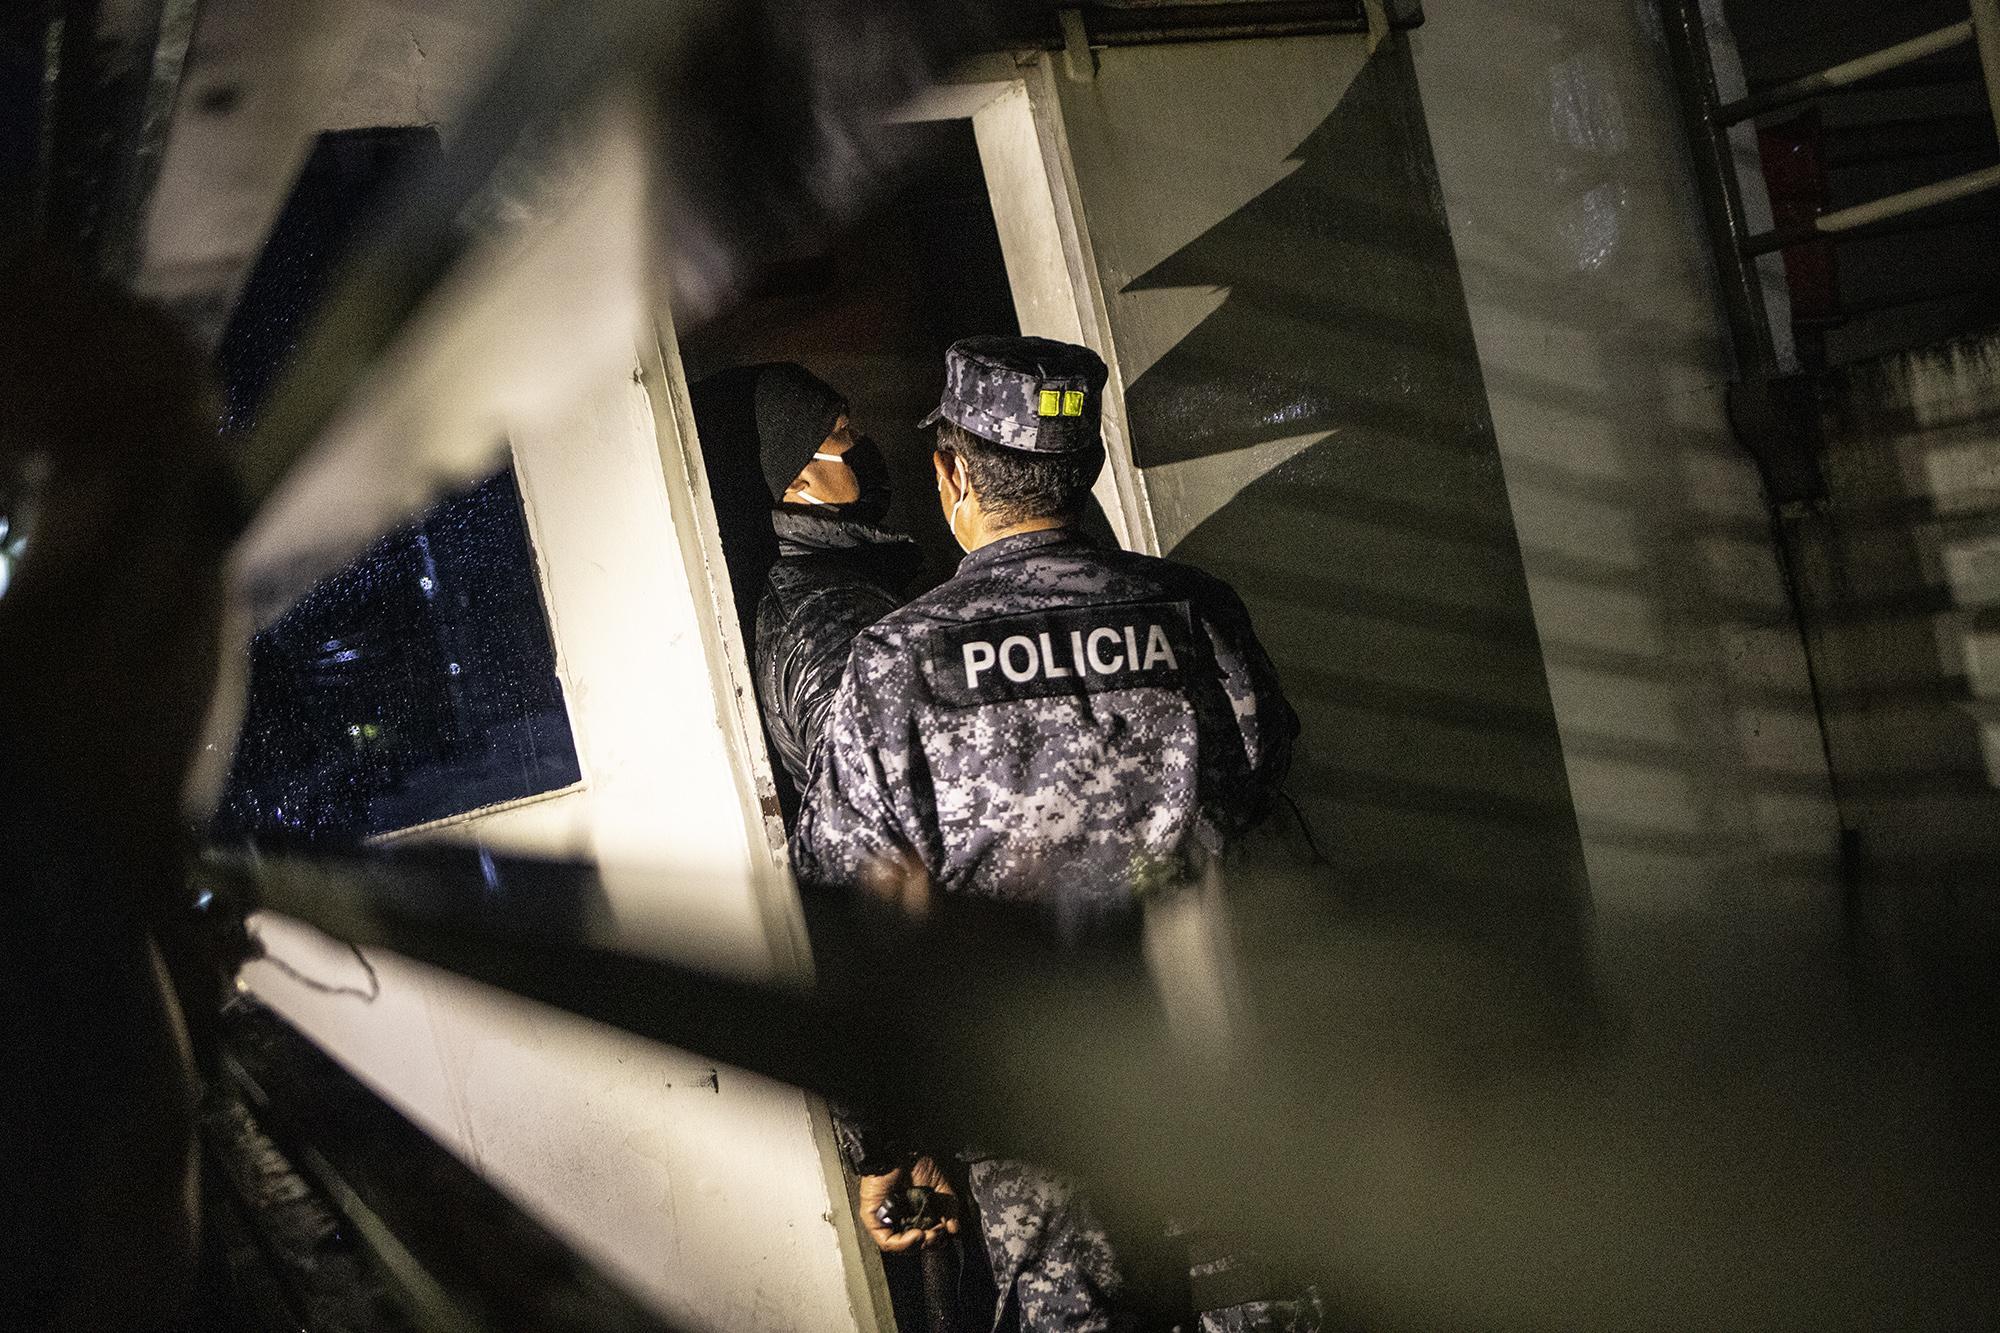 En horas de la madrugada de este domingo 2 de mayo, un agente de la PNC interpela a un vigilante de la Fiscalía: